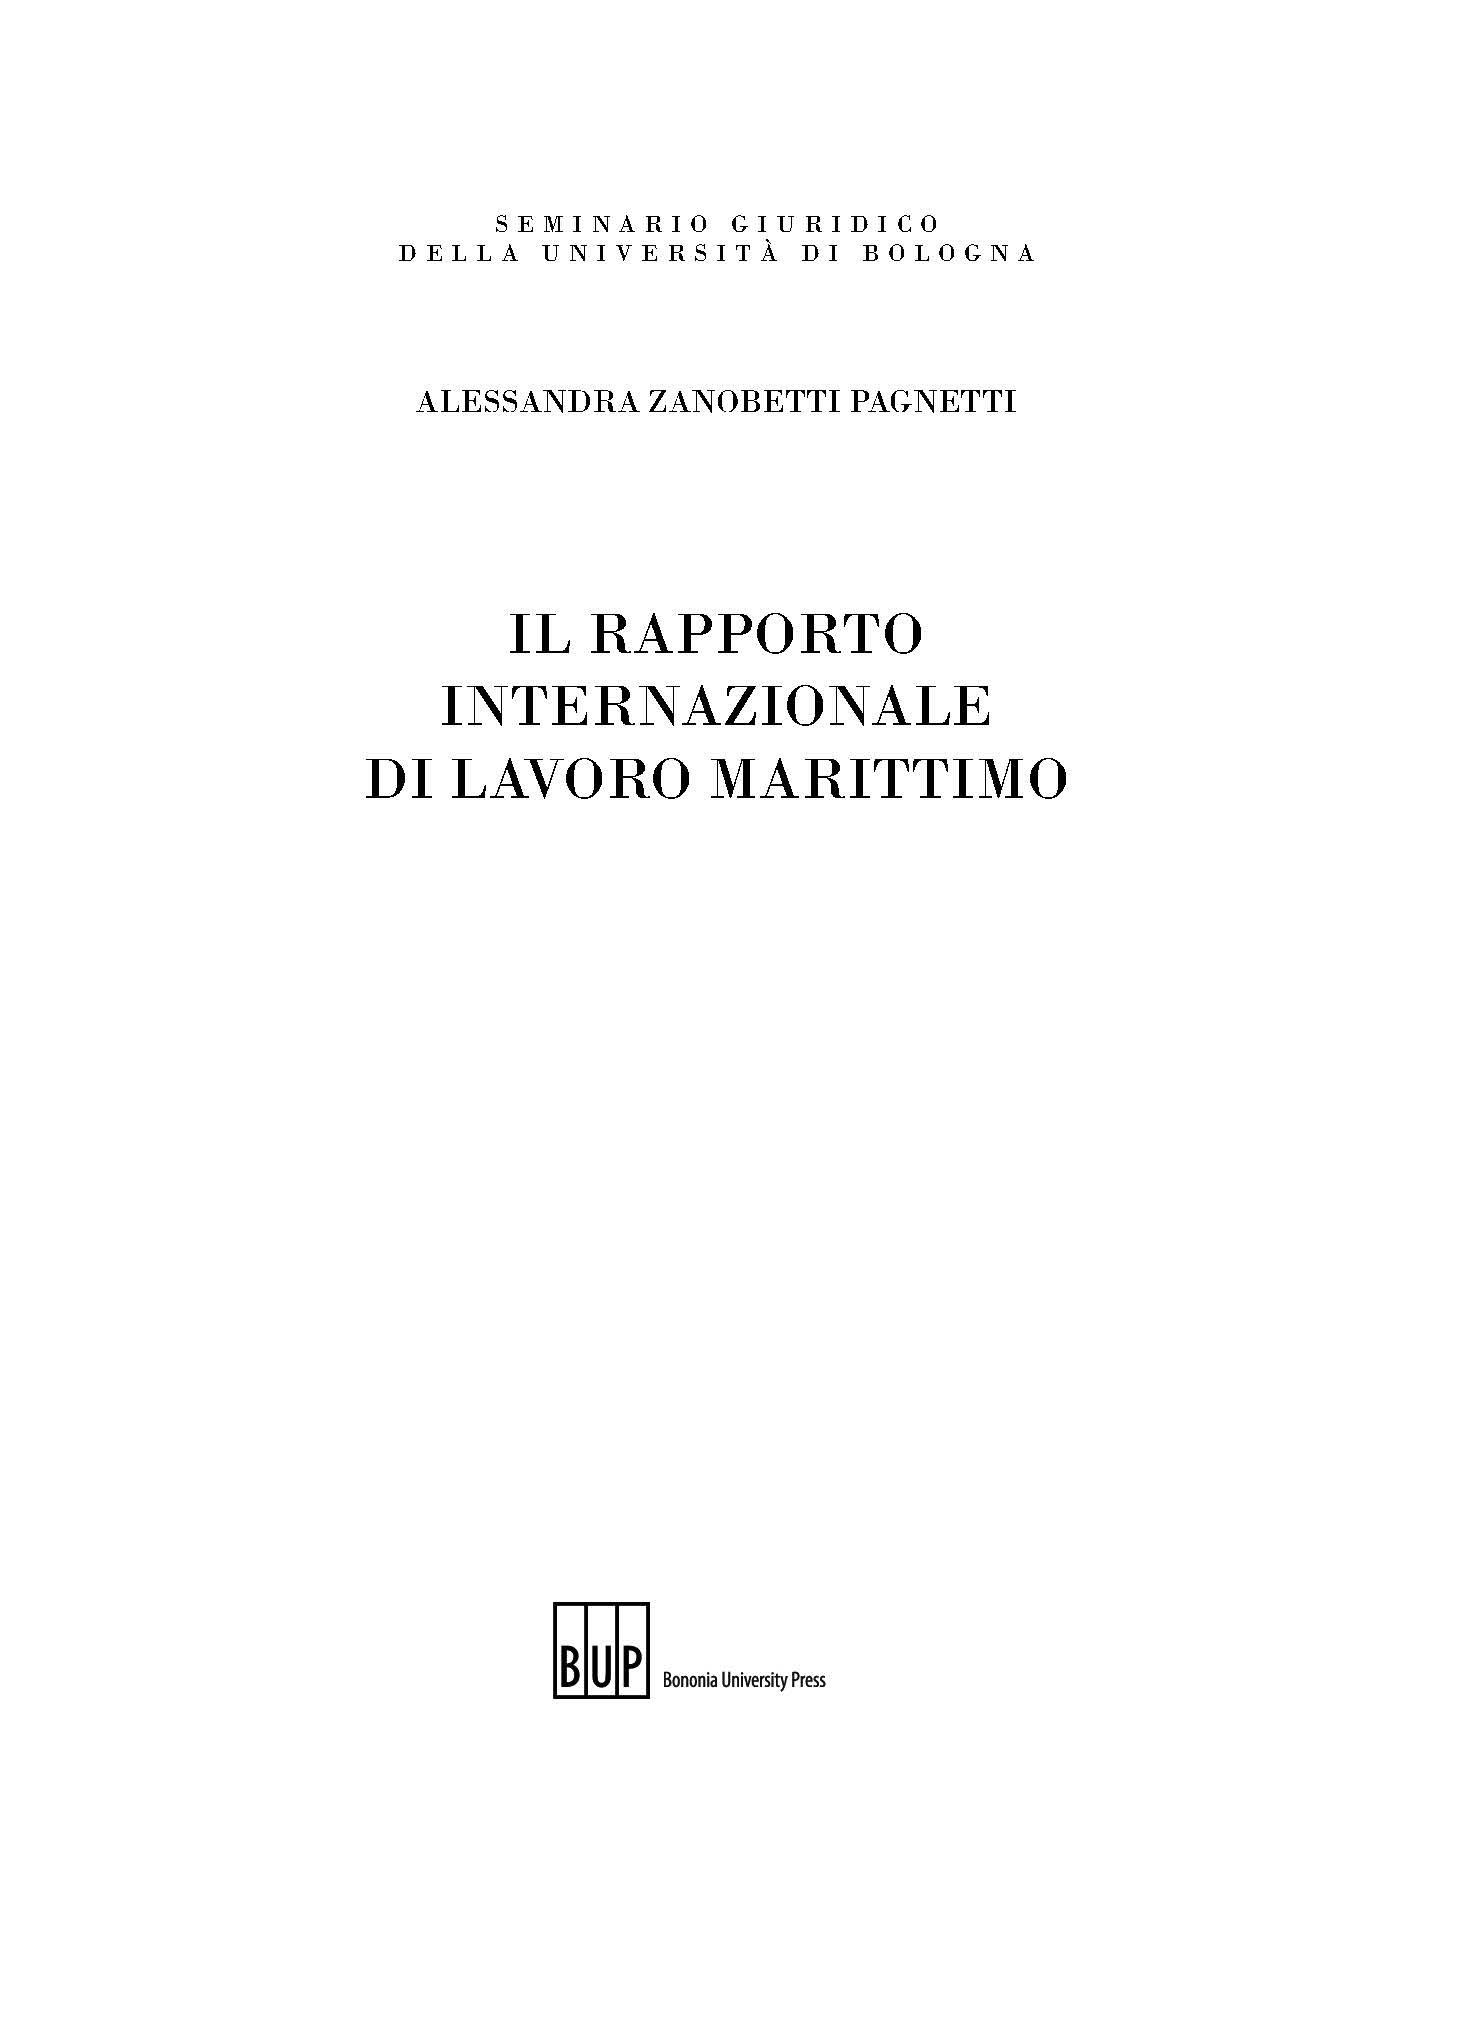 Rapporto internazionale di lavoro marittimo - Bononia University Press